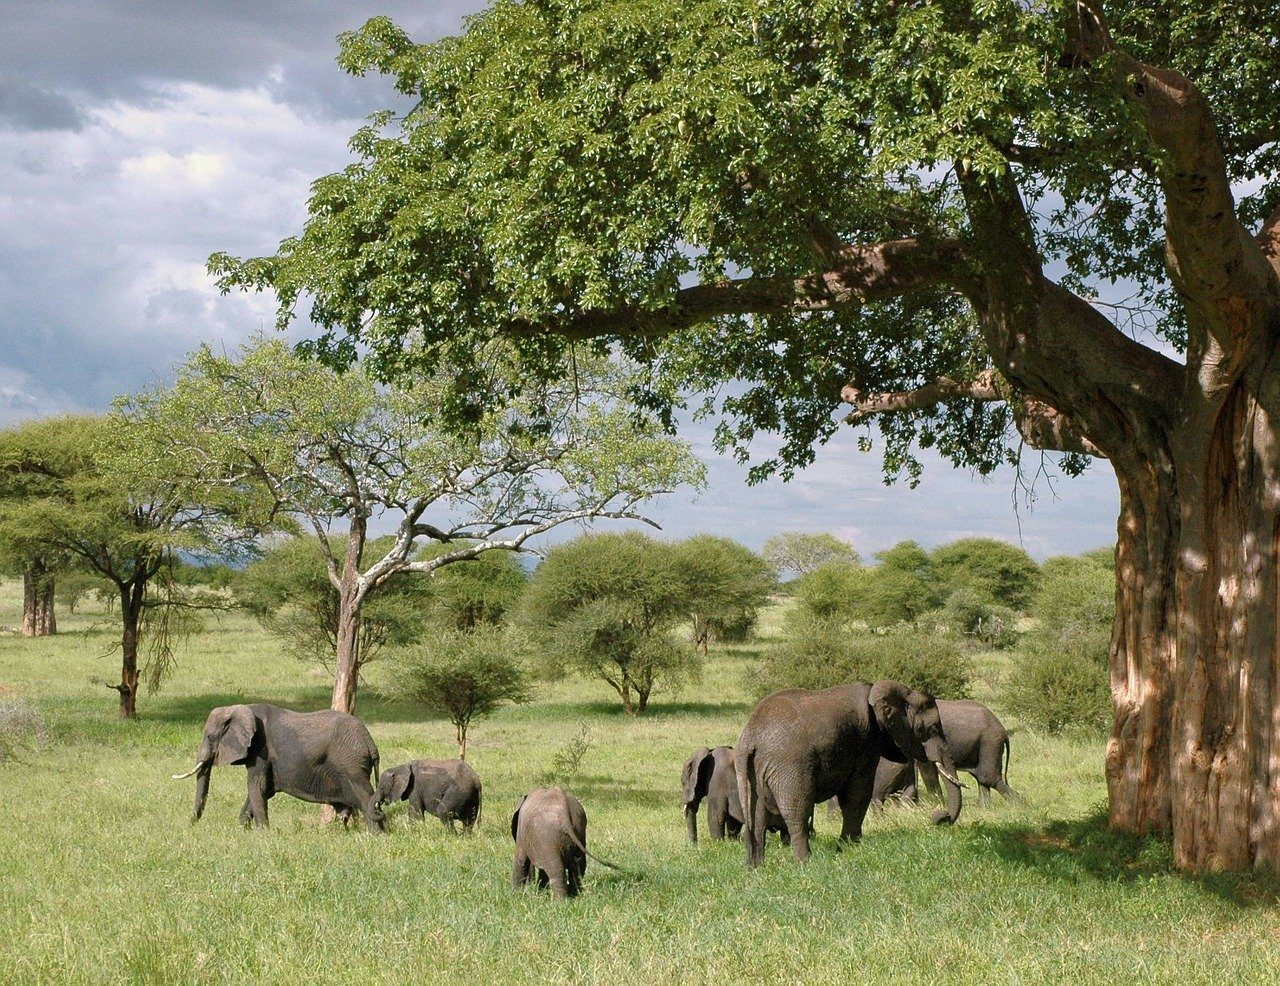 La protection des animaux en Tanzanie